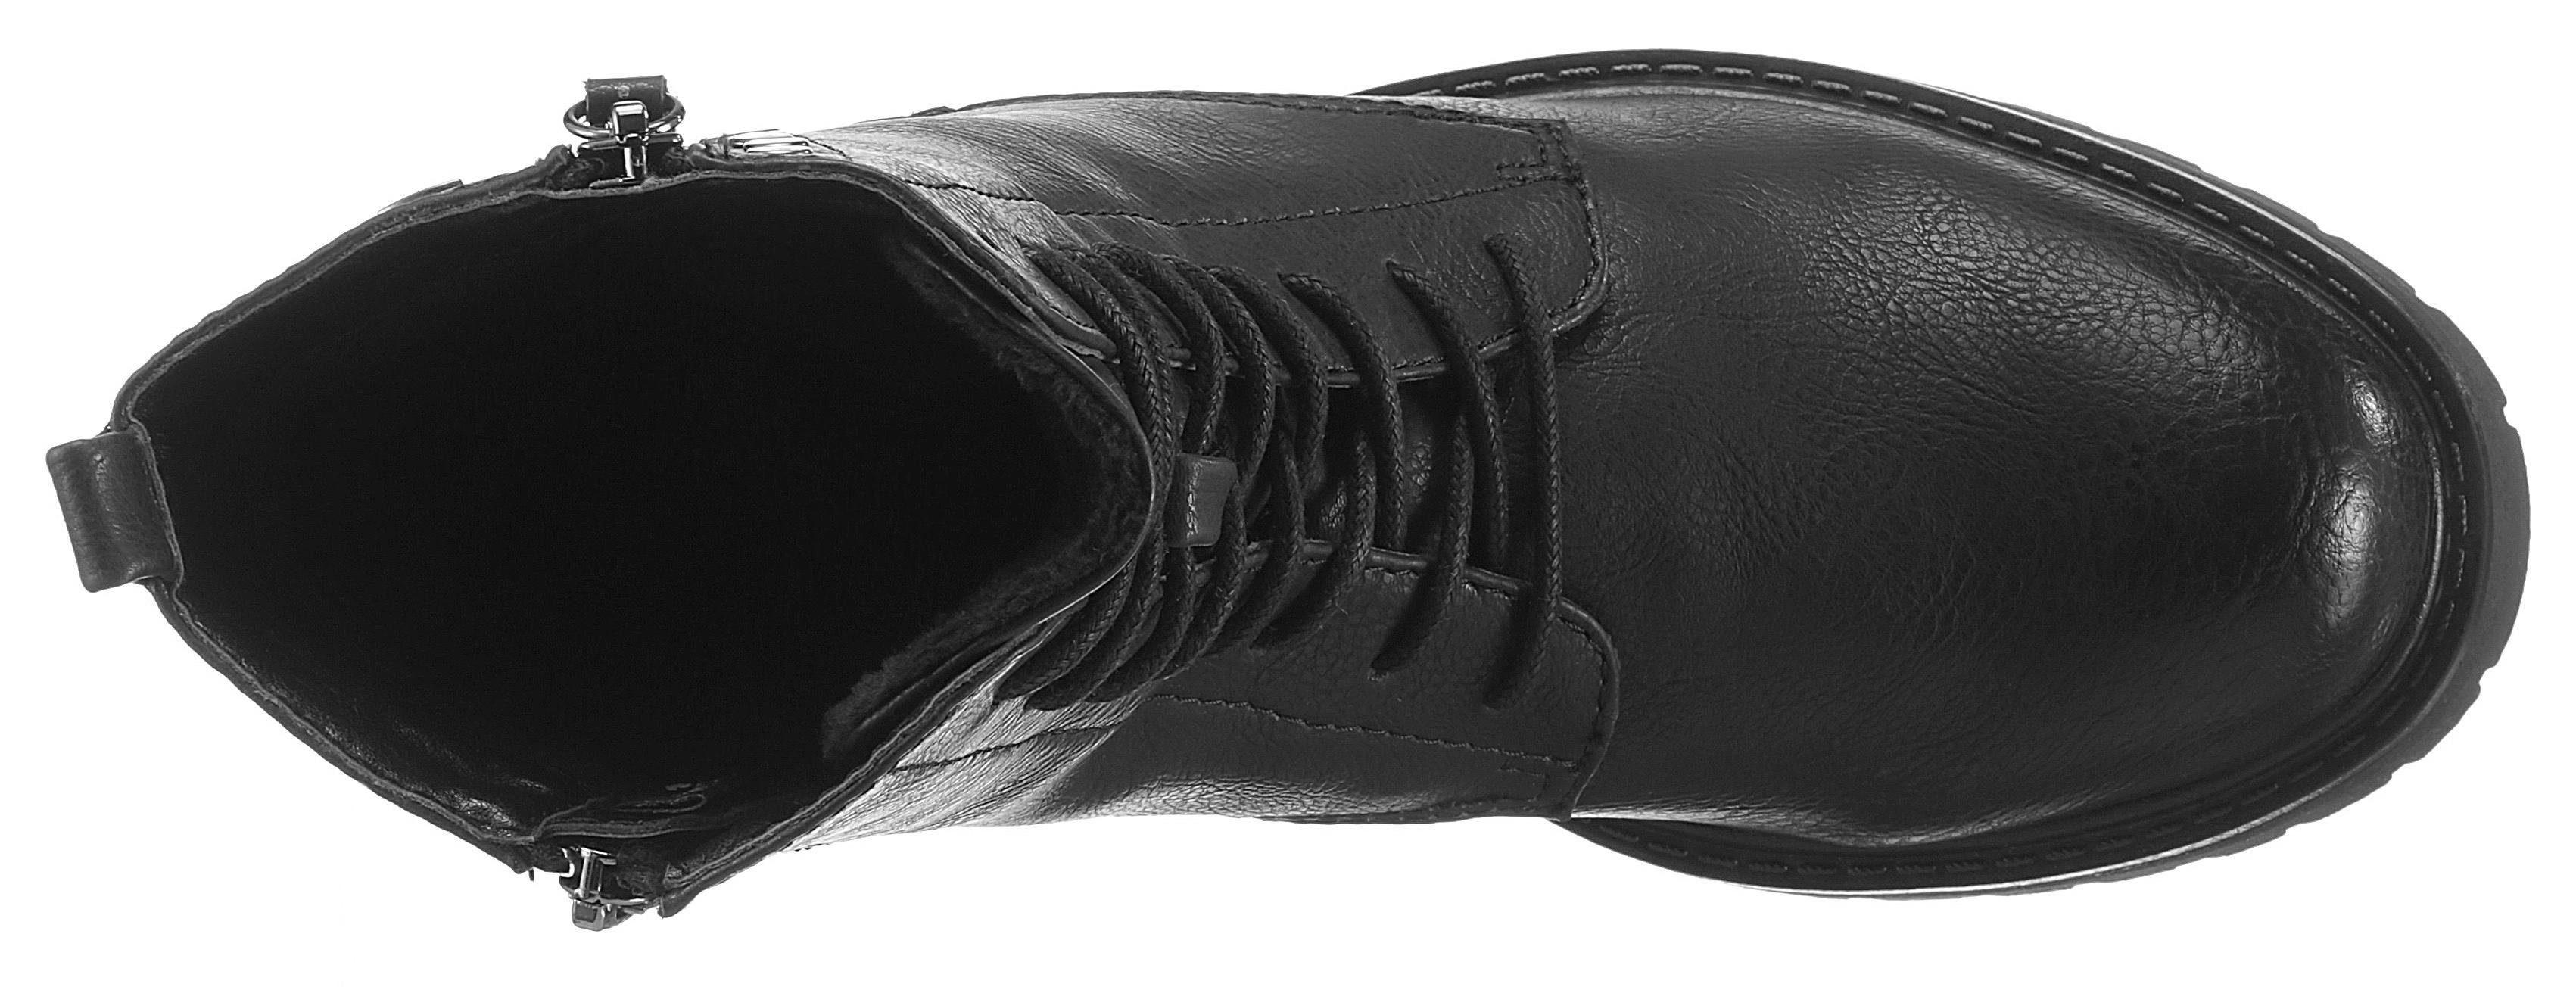 Tom Tailor Schnürstiefelette, mit Zierreißverschluss außen online kaufen  schwarz